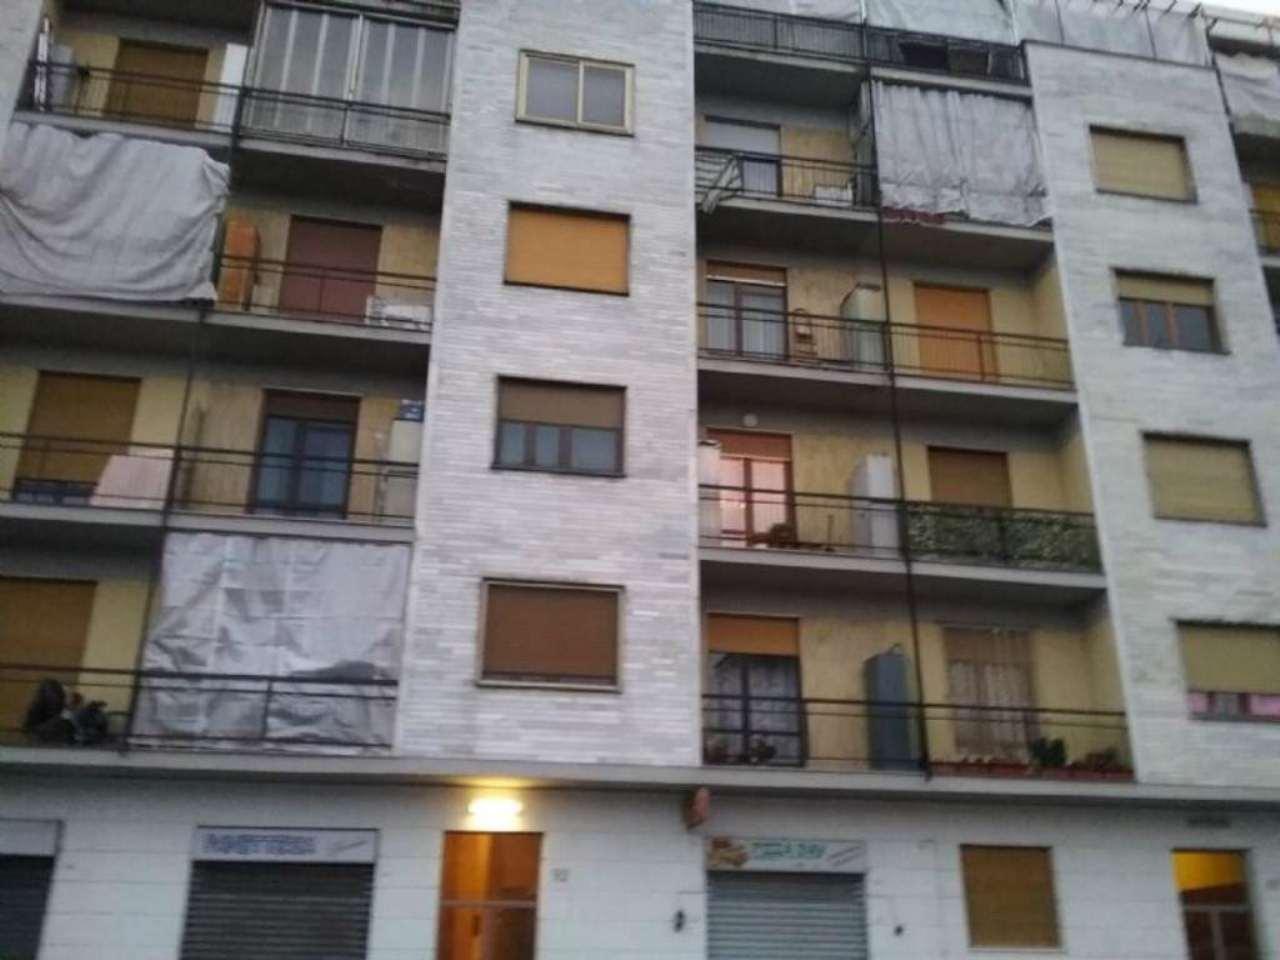 Appartamento in affitto a Grugliasco, 2 locali, prezzo € 380 | Cambio Casa.it